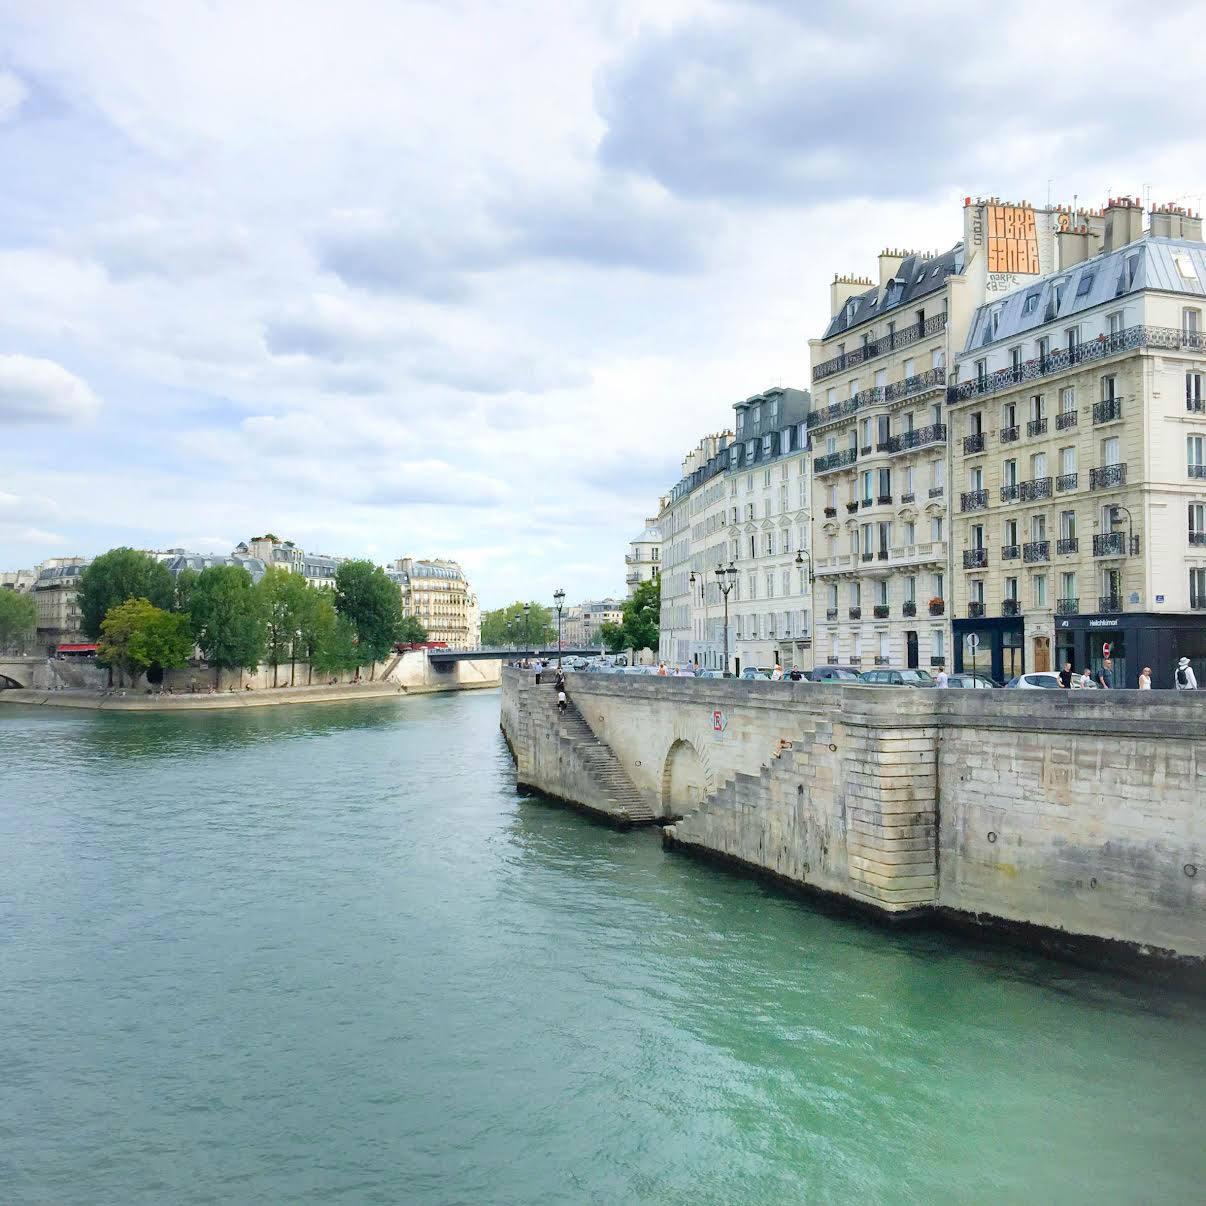 Blog-Mode-And-The-City-Lifestyle-5-petites-choses-142-bords-de-seine-paris-été